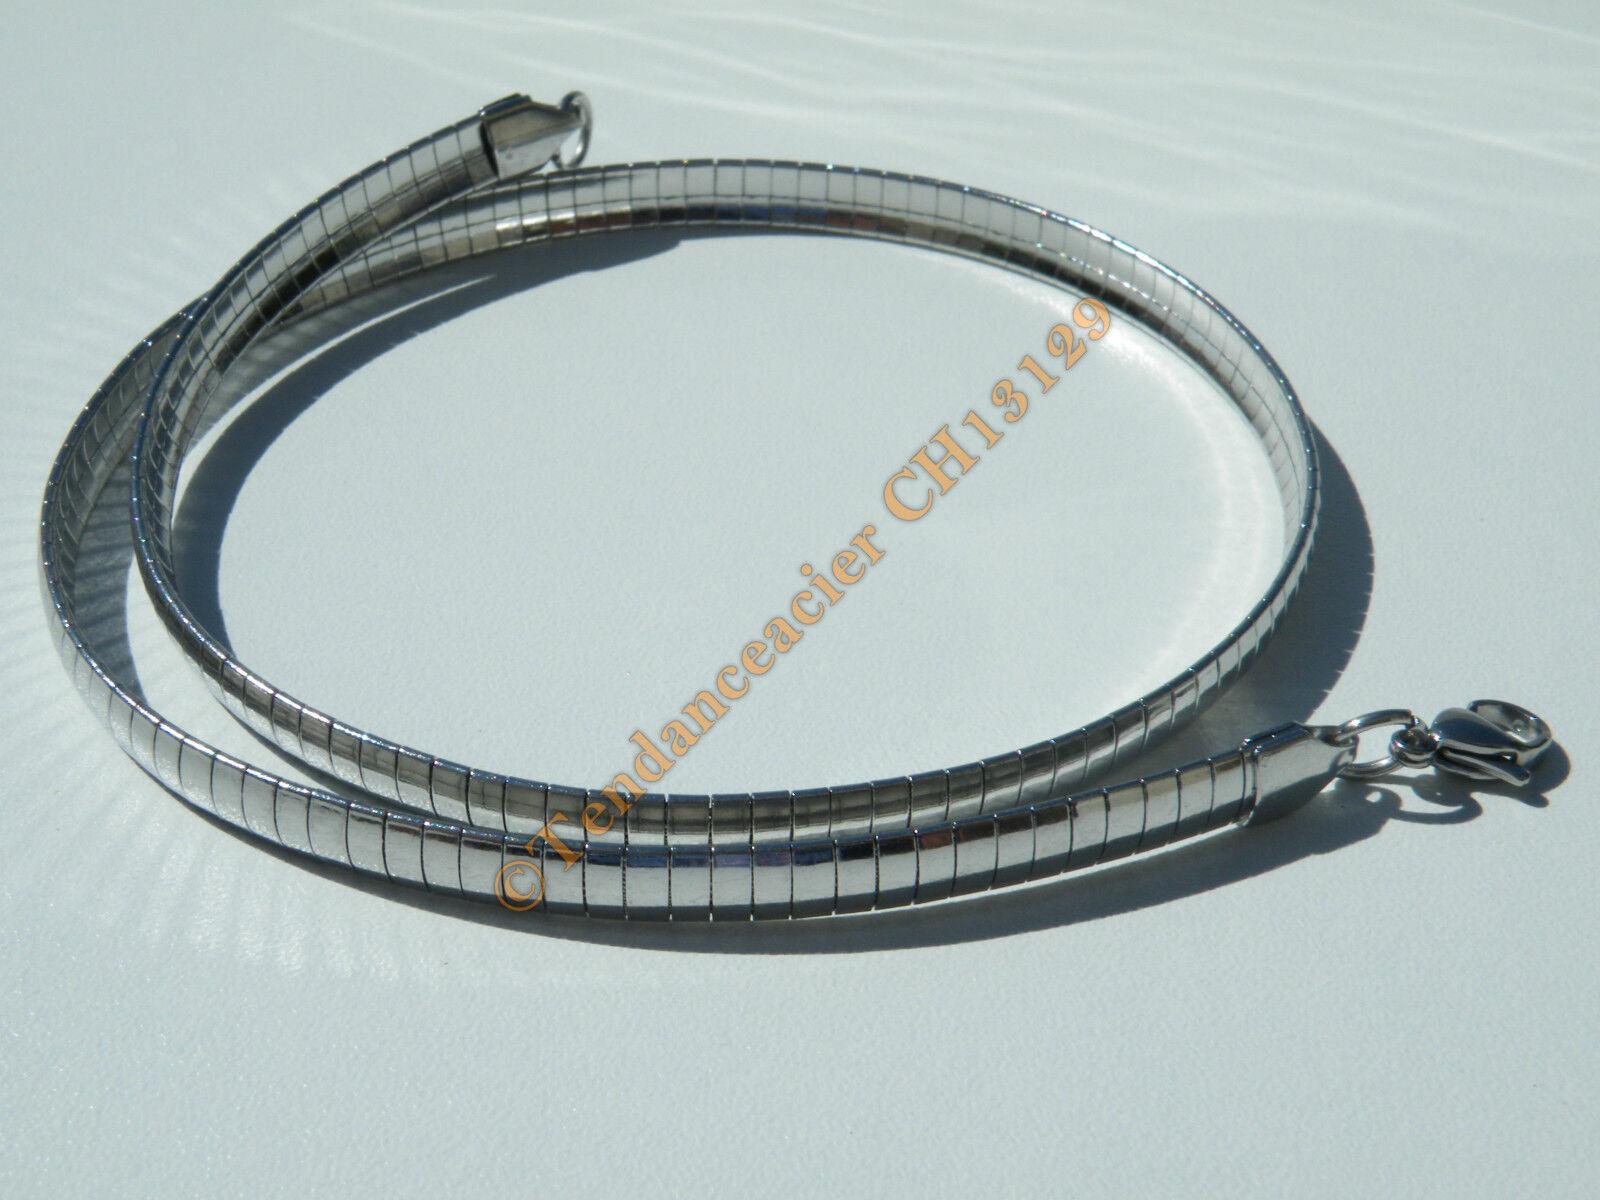 Chaine Collier Ras de Cou 45 cm Maille Serpentine Incurvé silveré Acier 6 mm